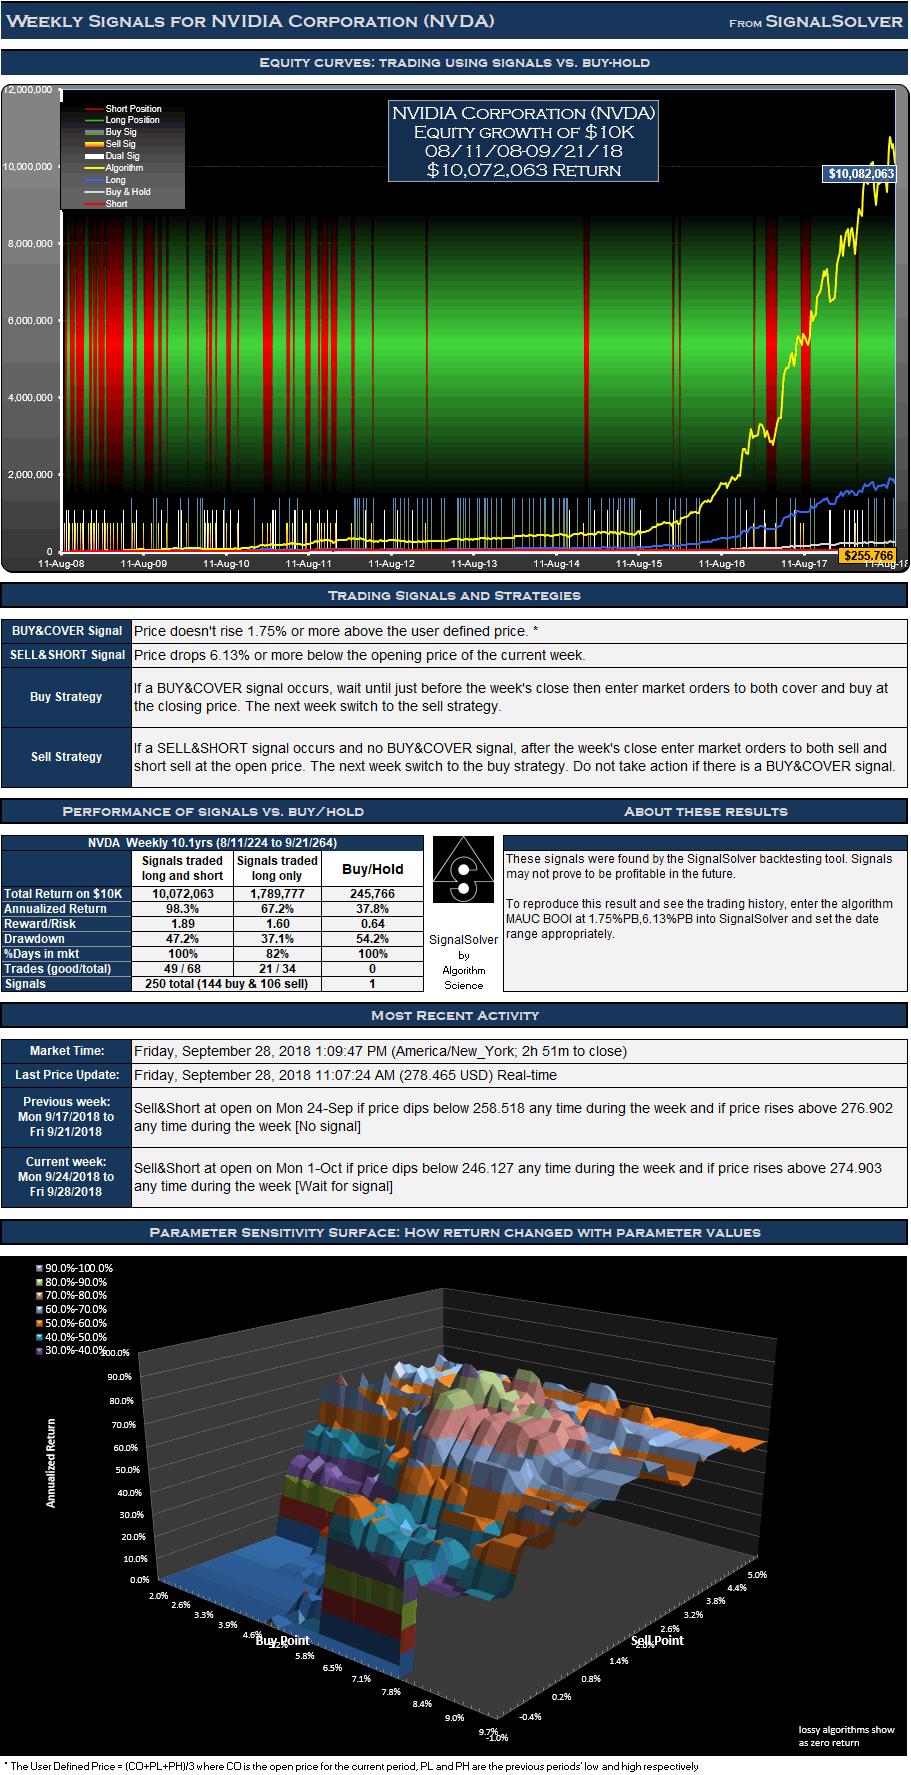 NVDA Signals Weekly